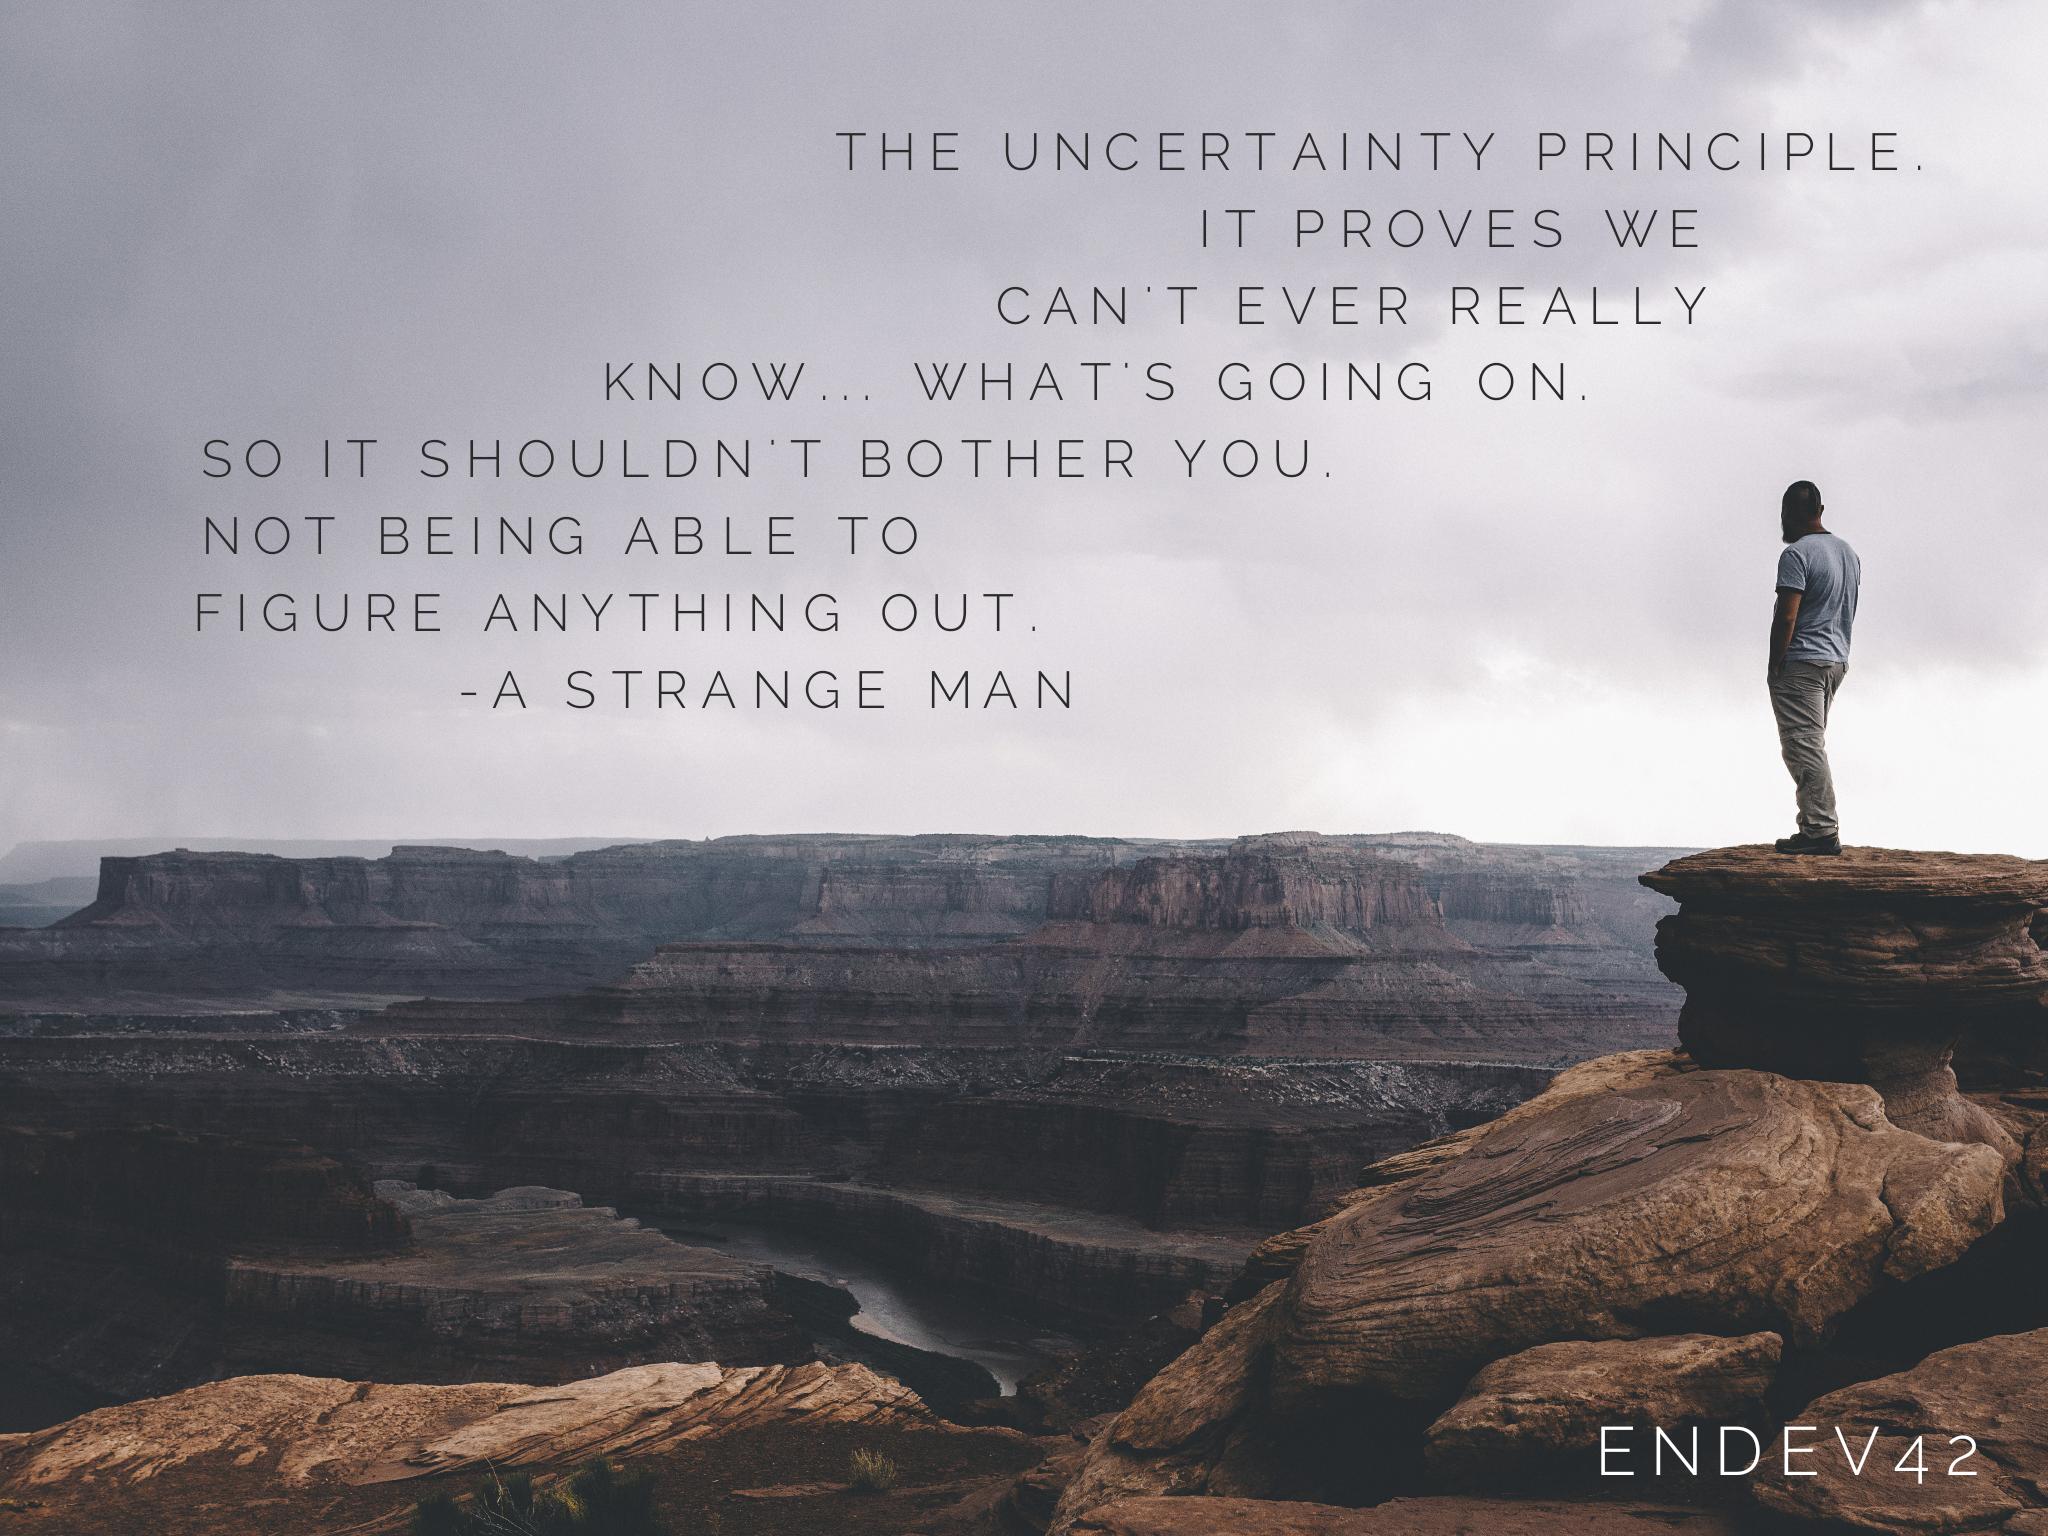 A Strange Man